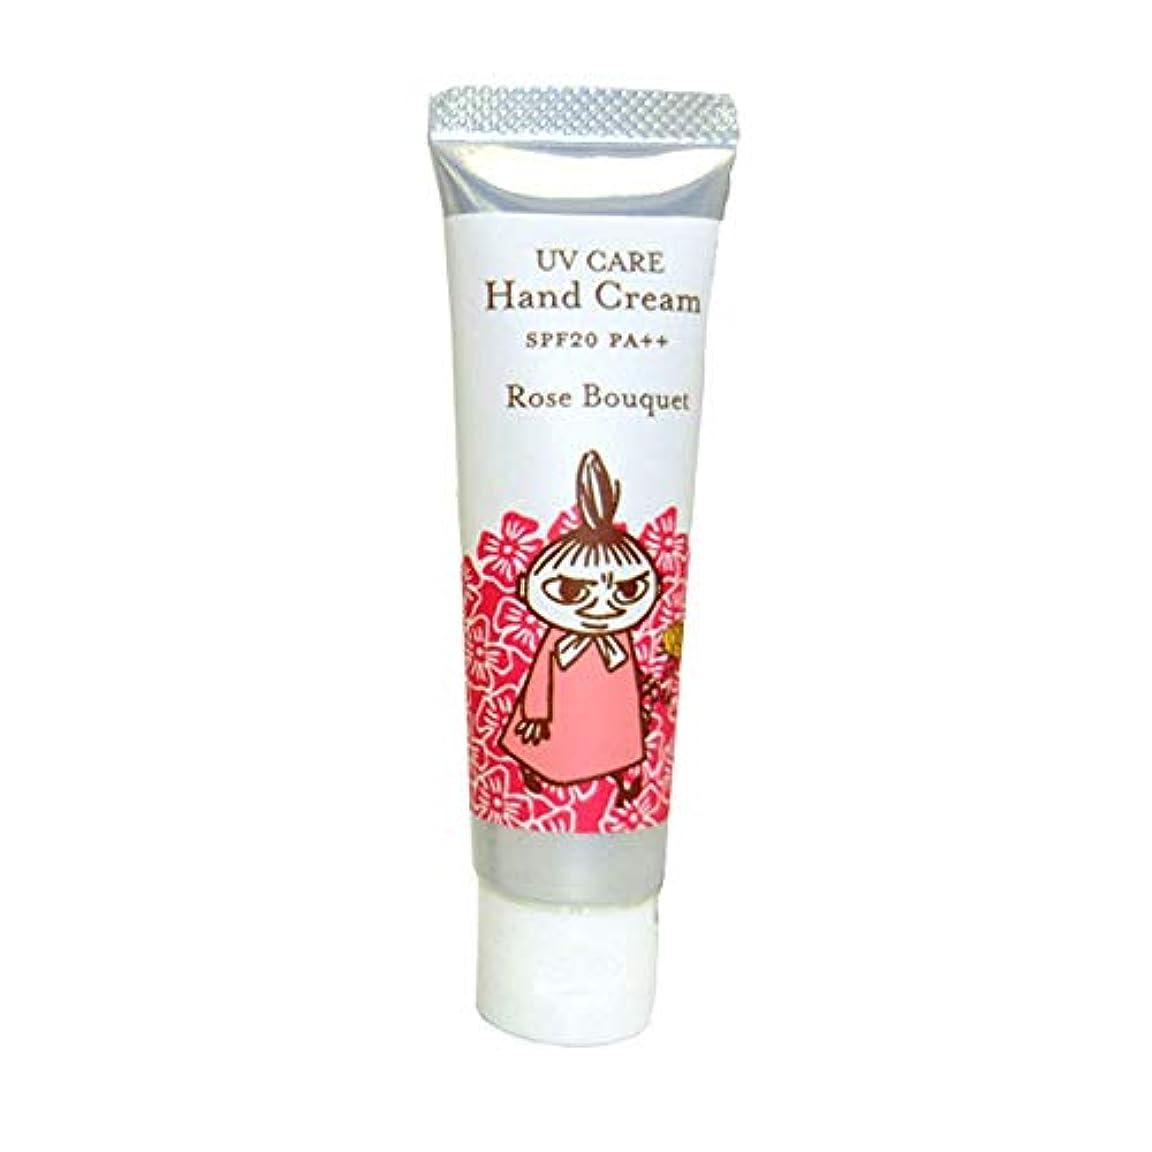 渇きる好む【ムーミン】UVケアハンドクリーム ローズブーケの香り SPF20 PA++